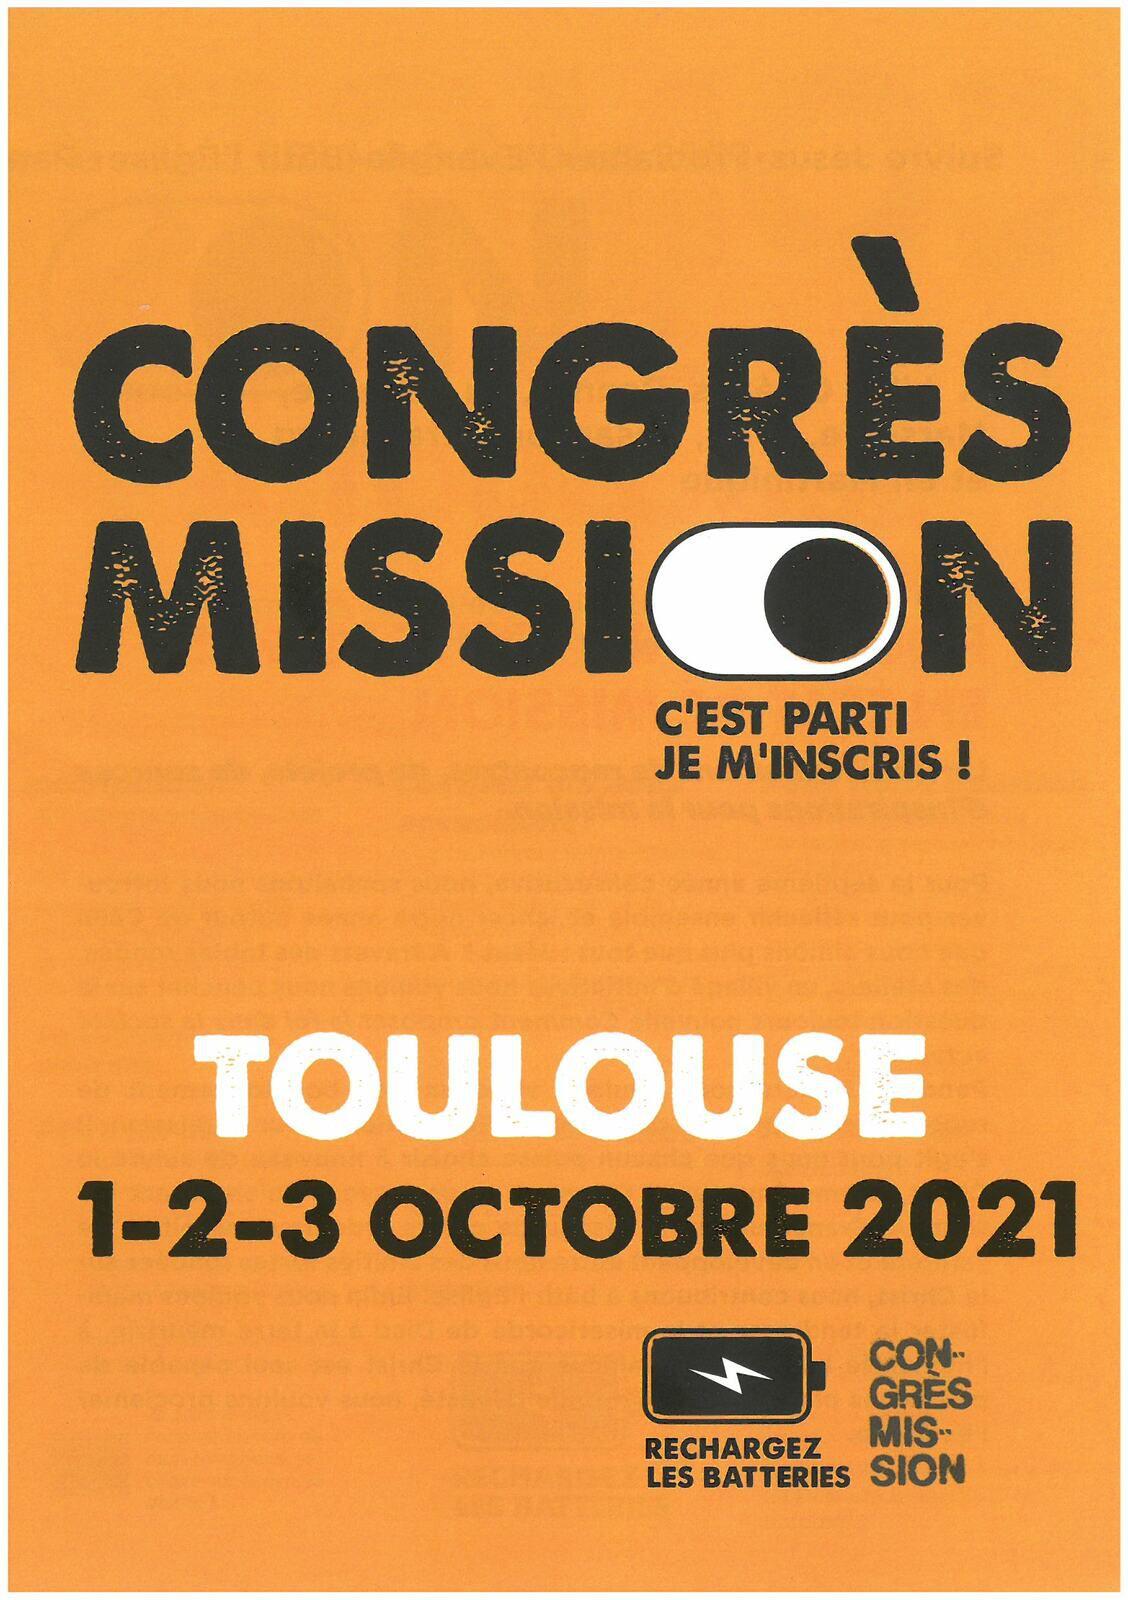 Congrès Mission - C'est le 1-2-3 octobre 2021 sur Toulouse